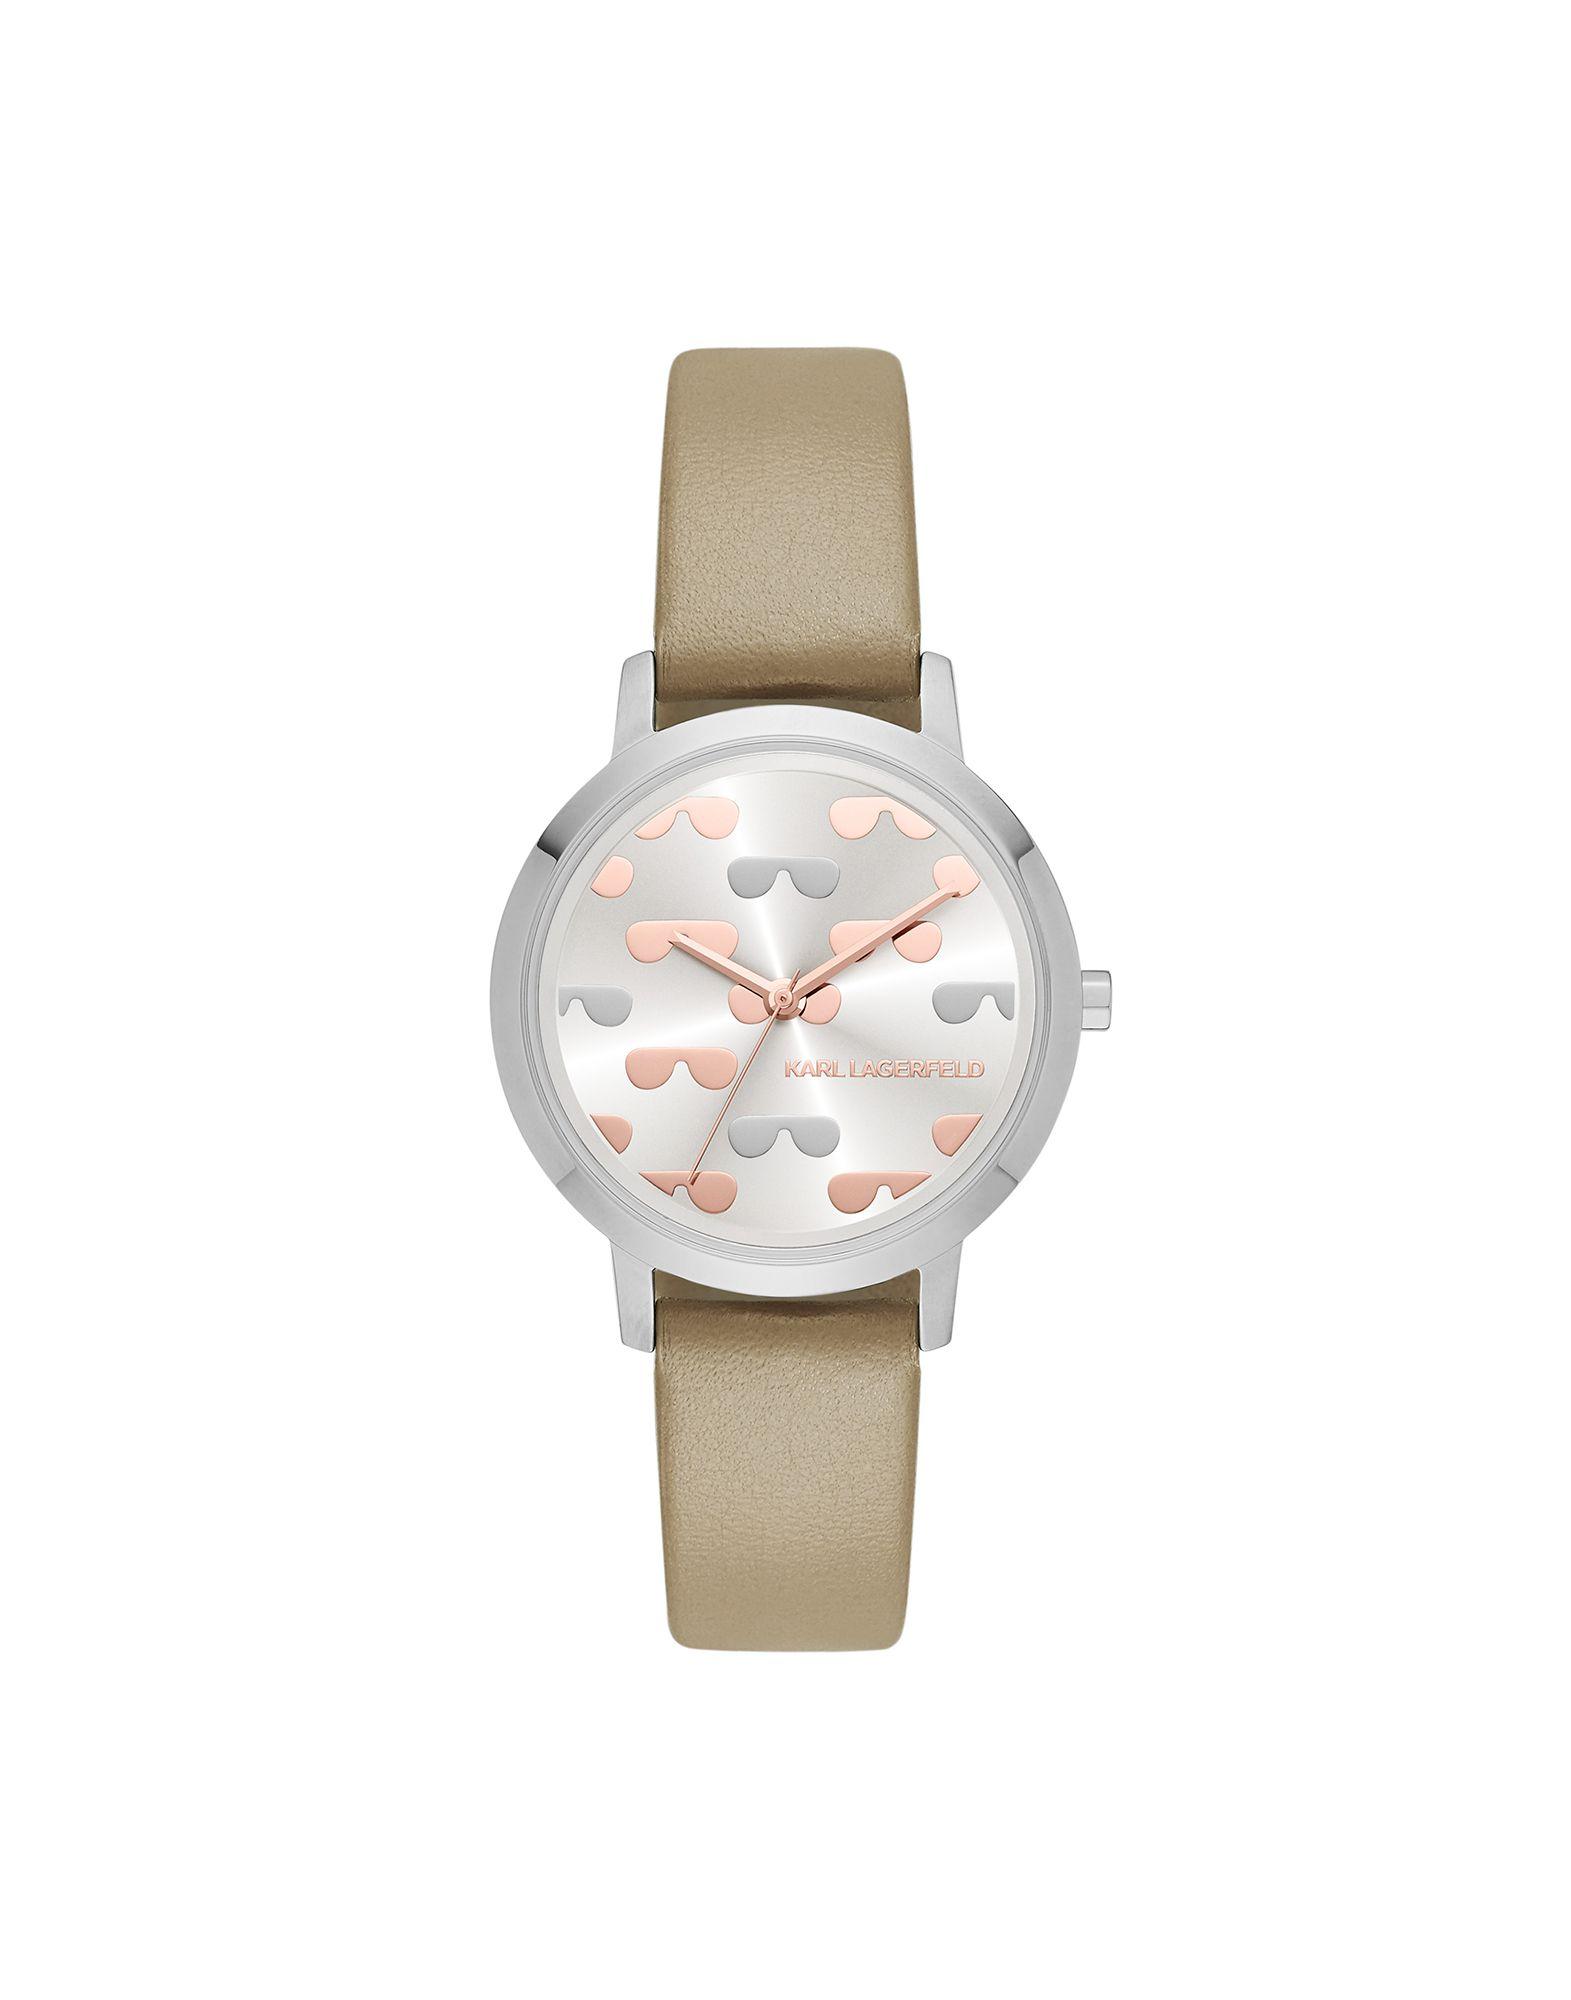 Orologio Da Polso Karl Lagerfeld Camille - Donna - Acquista online su